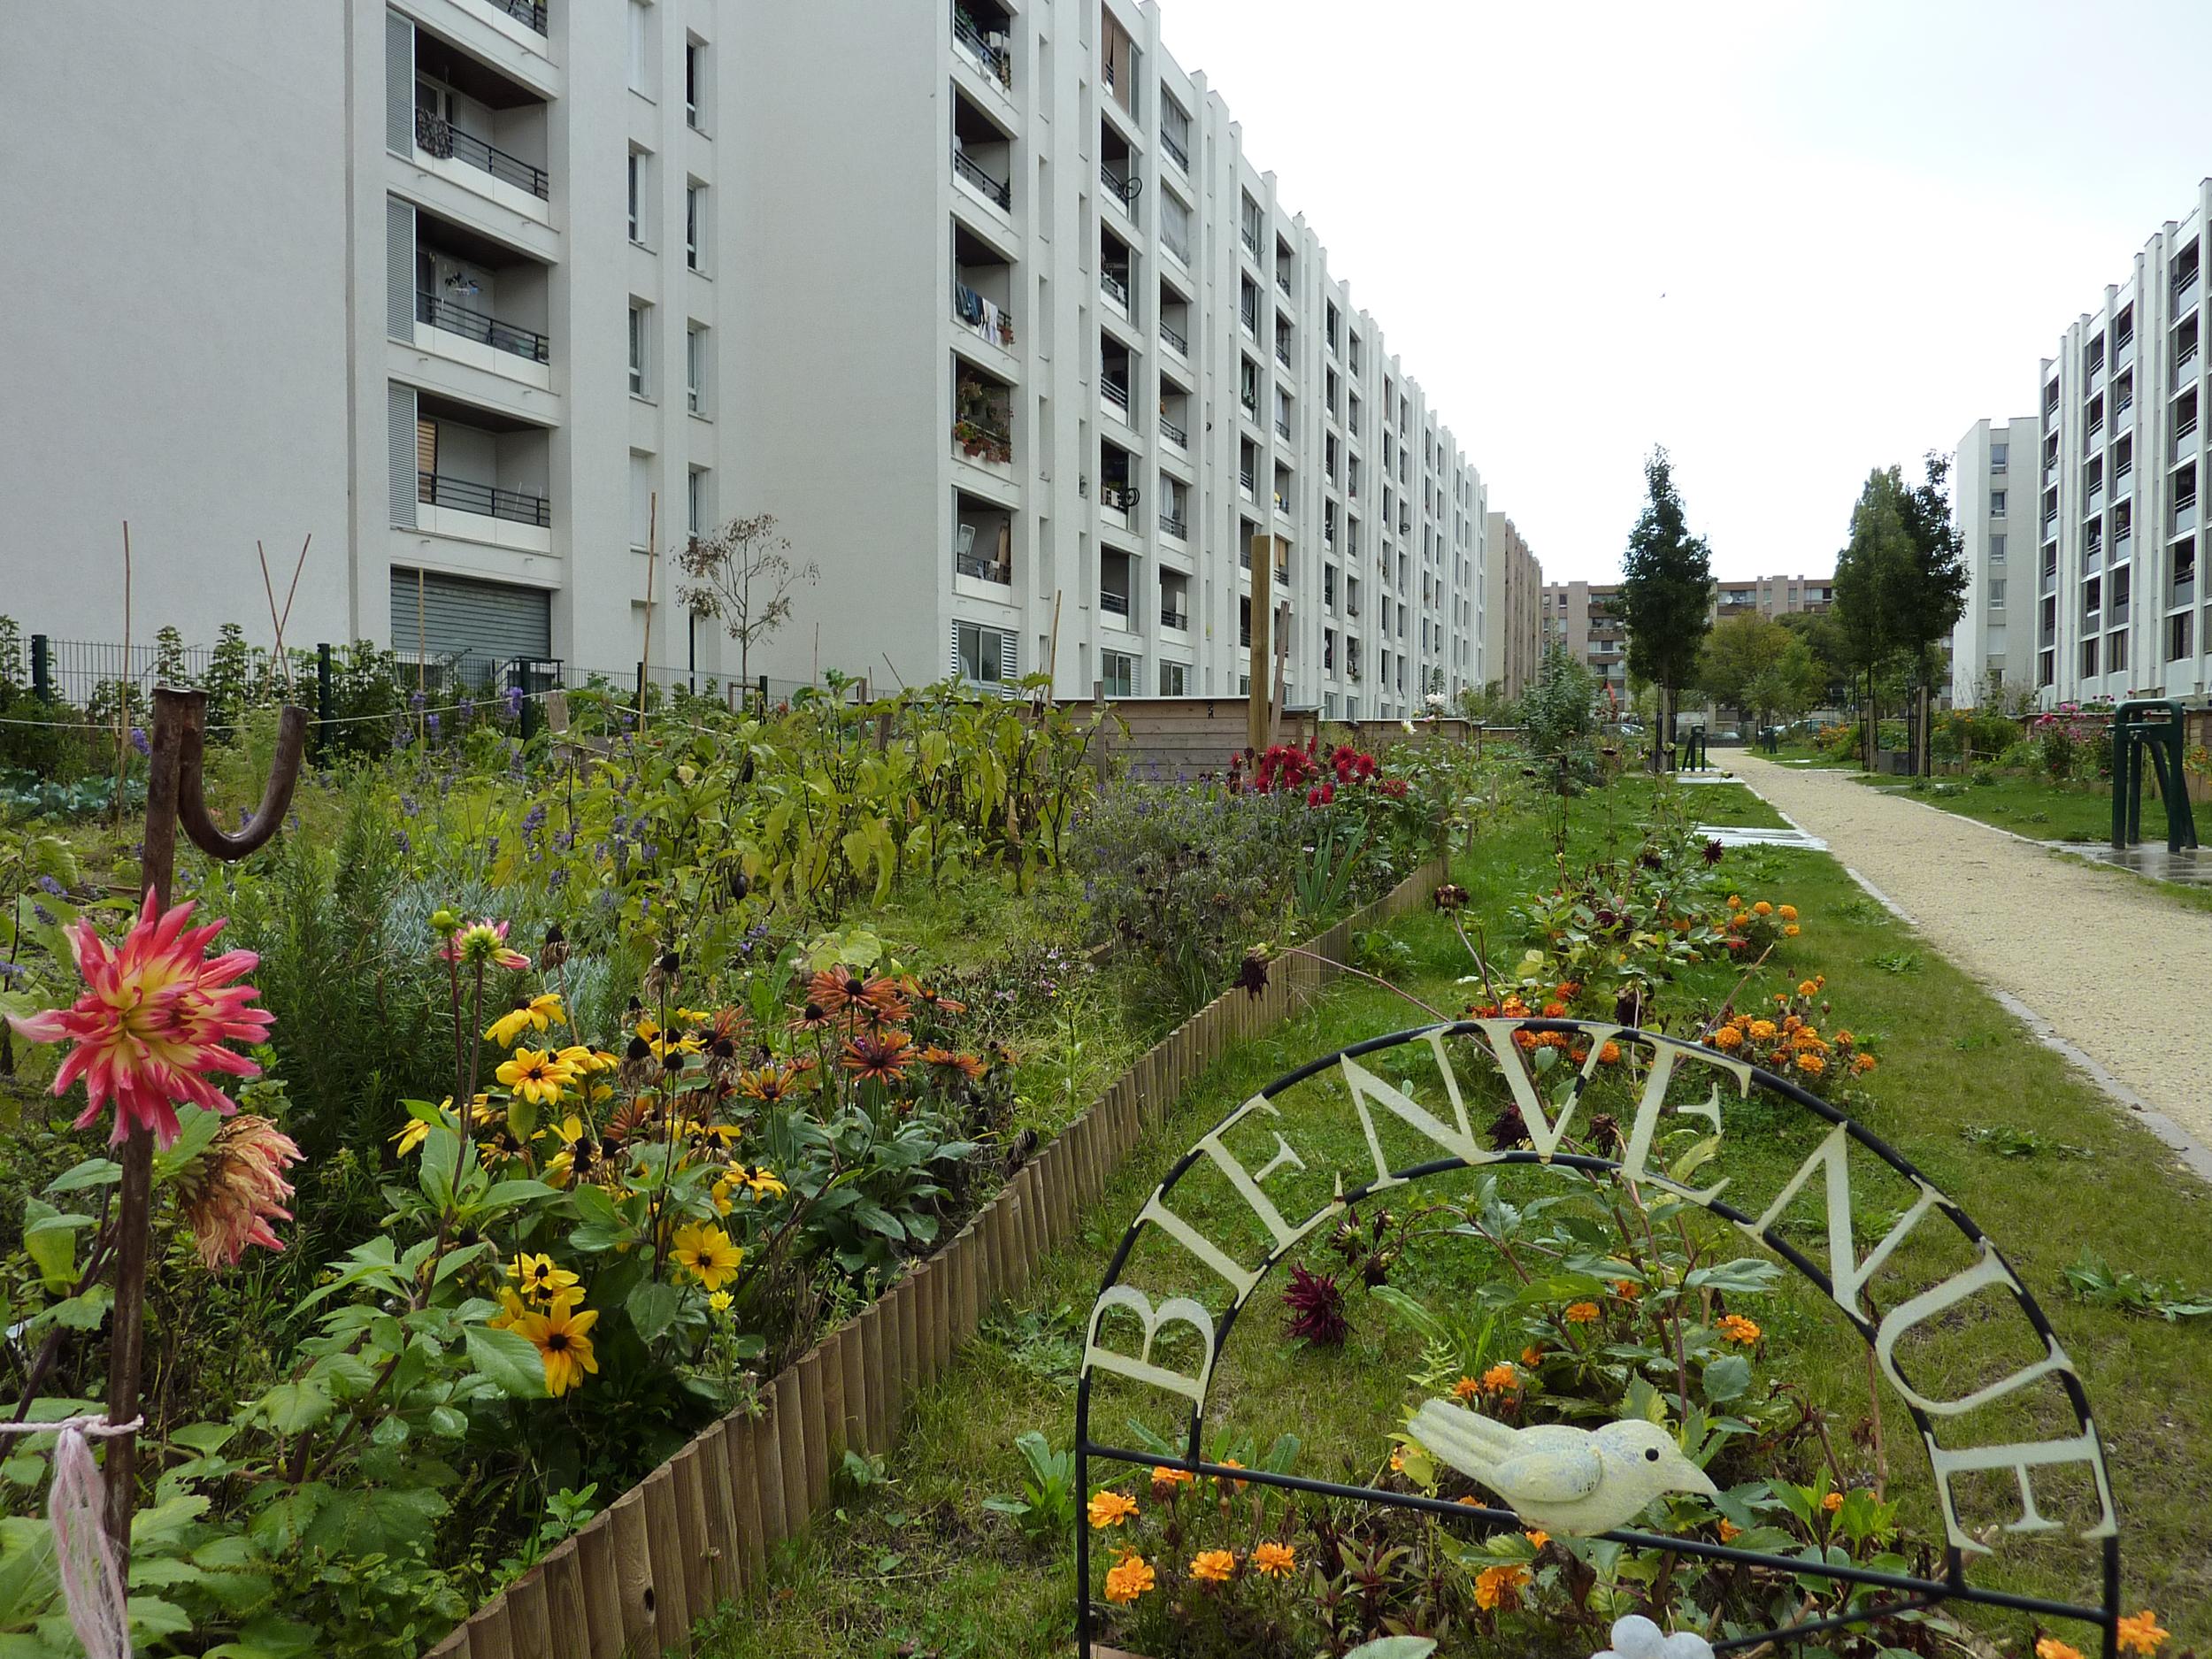 Les Jardins du Zephyr à Aulnay-sous-Bois | (CC) Petit Louis